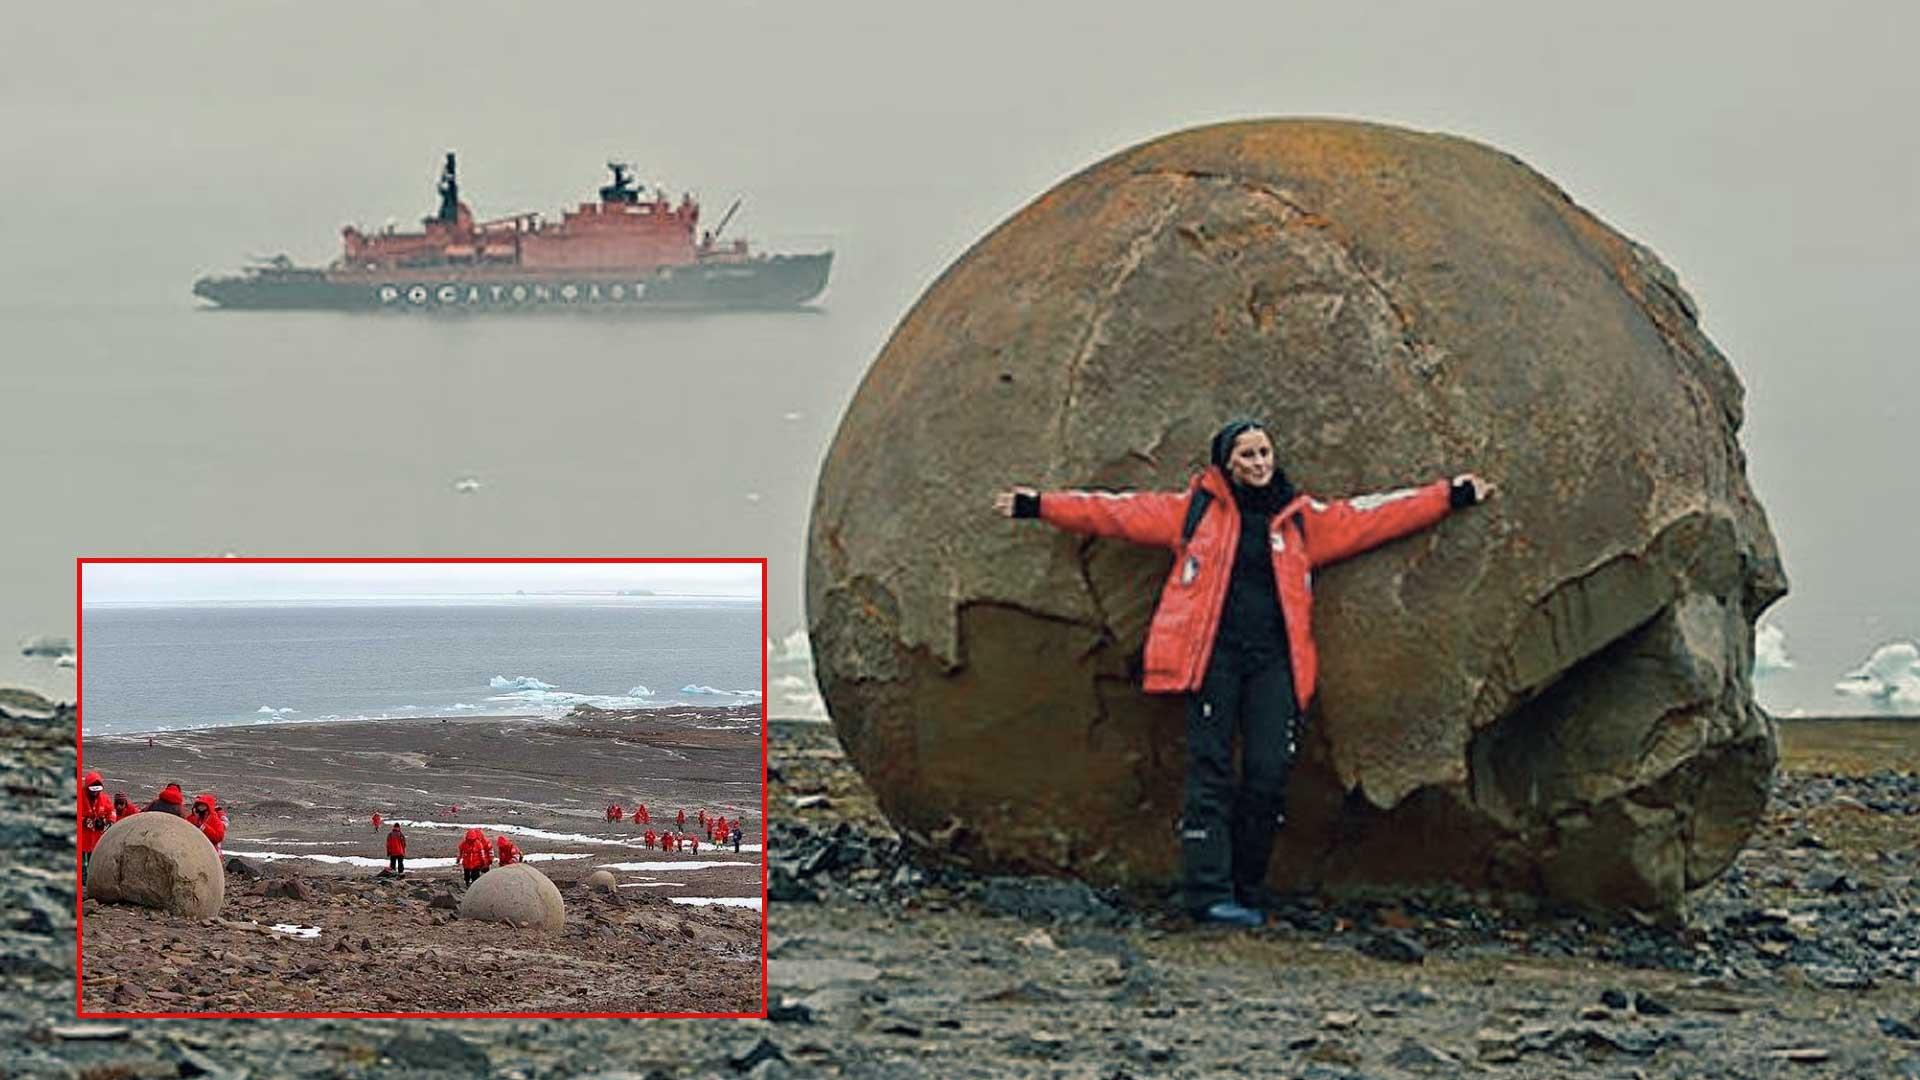 ¿Qué misterio se esconde tras los Balones de los Dioses en el continente Ártico?